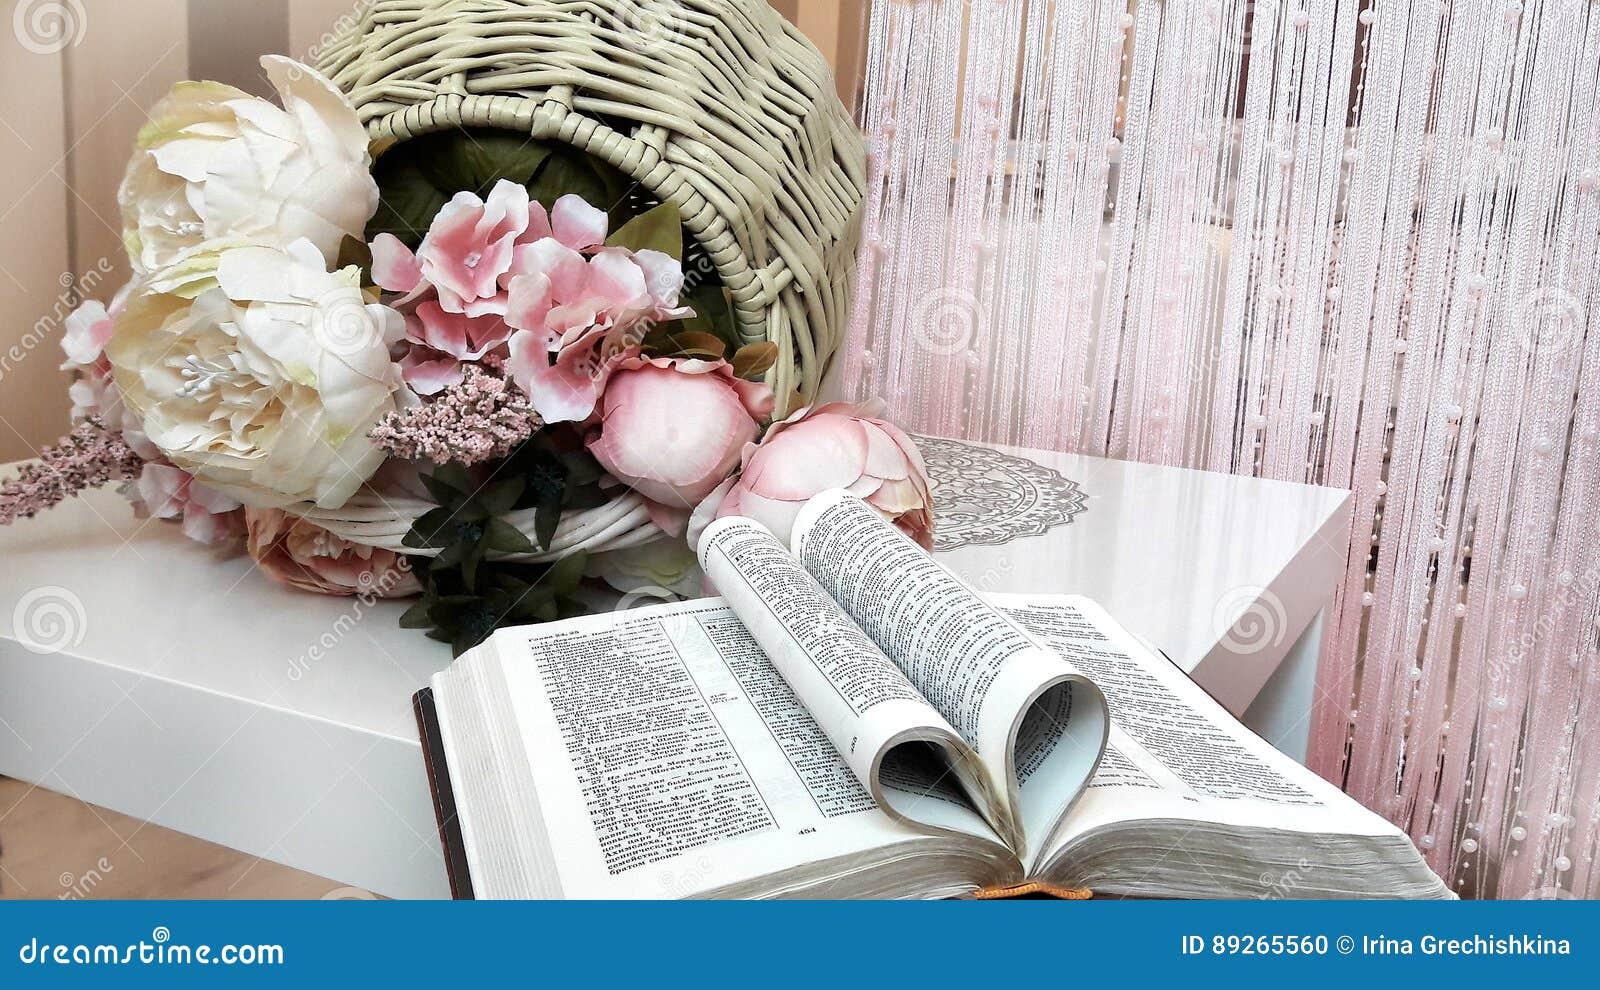 La Biblia Abierta Y Una Cesta De Flores En La Tabla Foto De Archivo